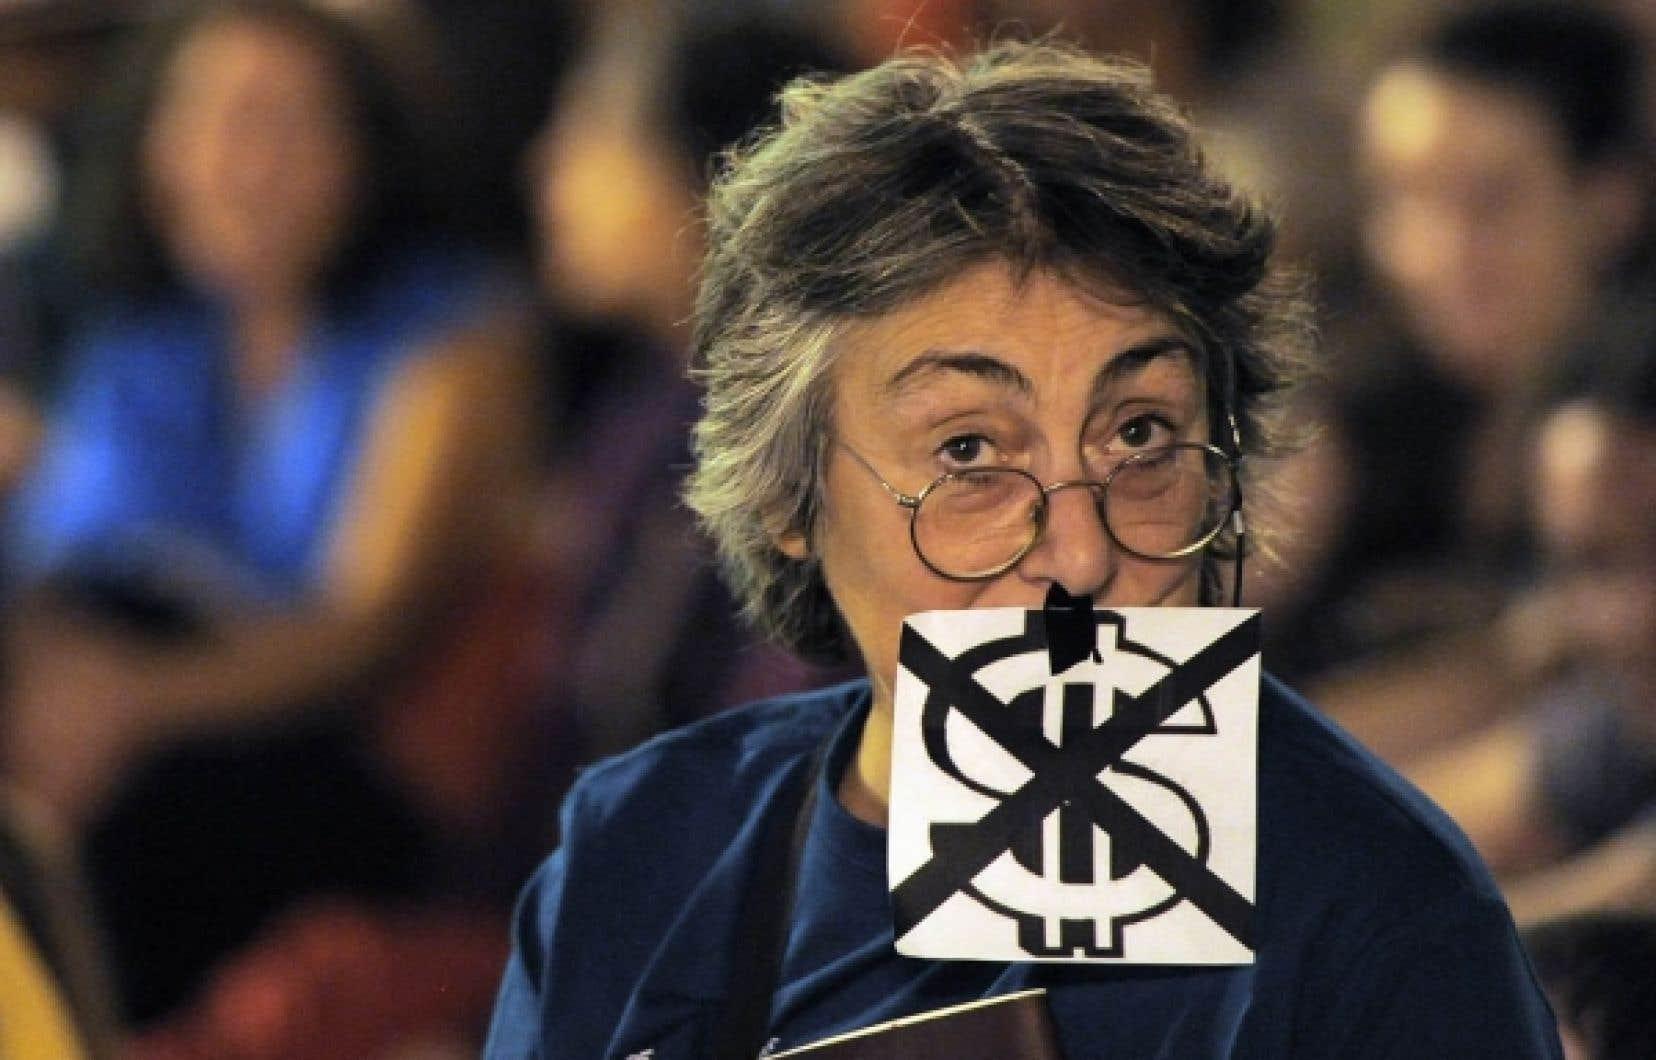 Manifestante photographiée le 15 octobre dernier sur la Puerta del Sol, à Madrid, au cours d'une journée mondiale de protestation contre l'avidité des grandes sociétés et les compressions gouvernementales.